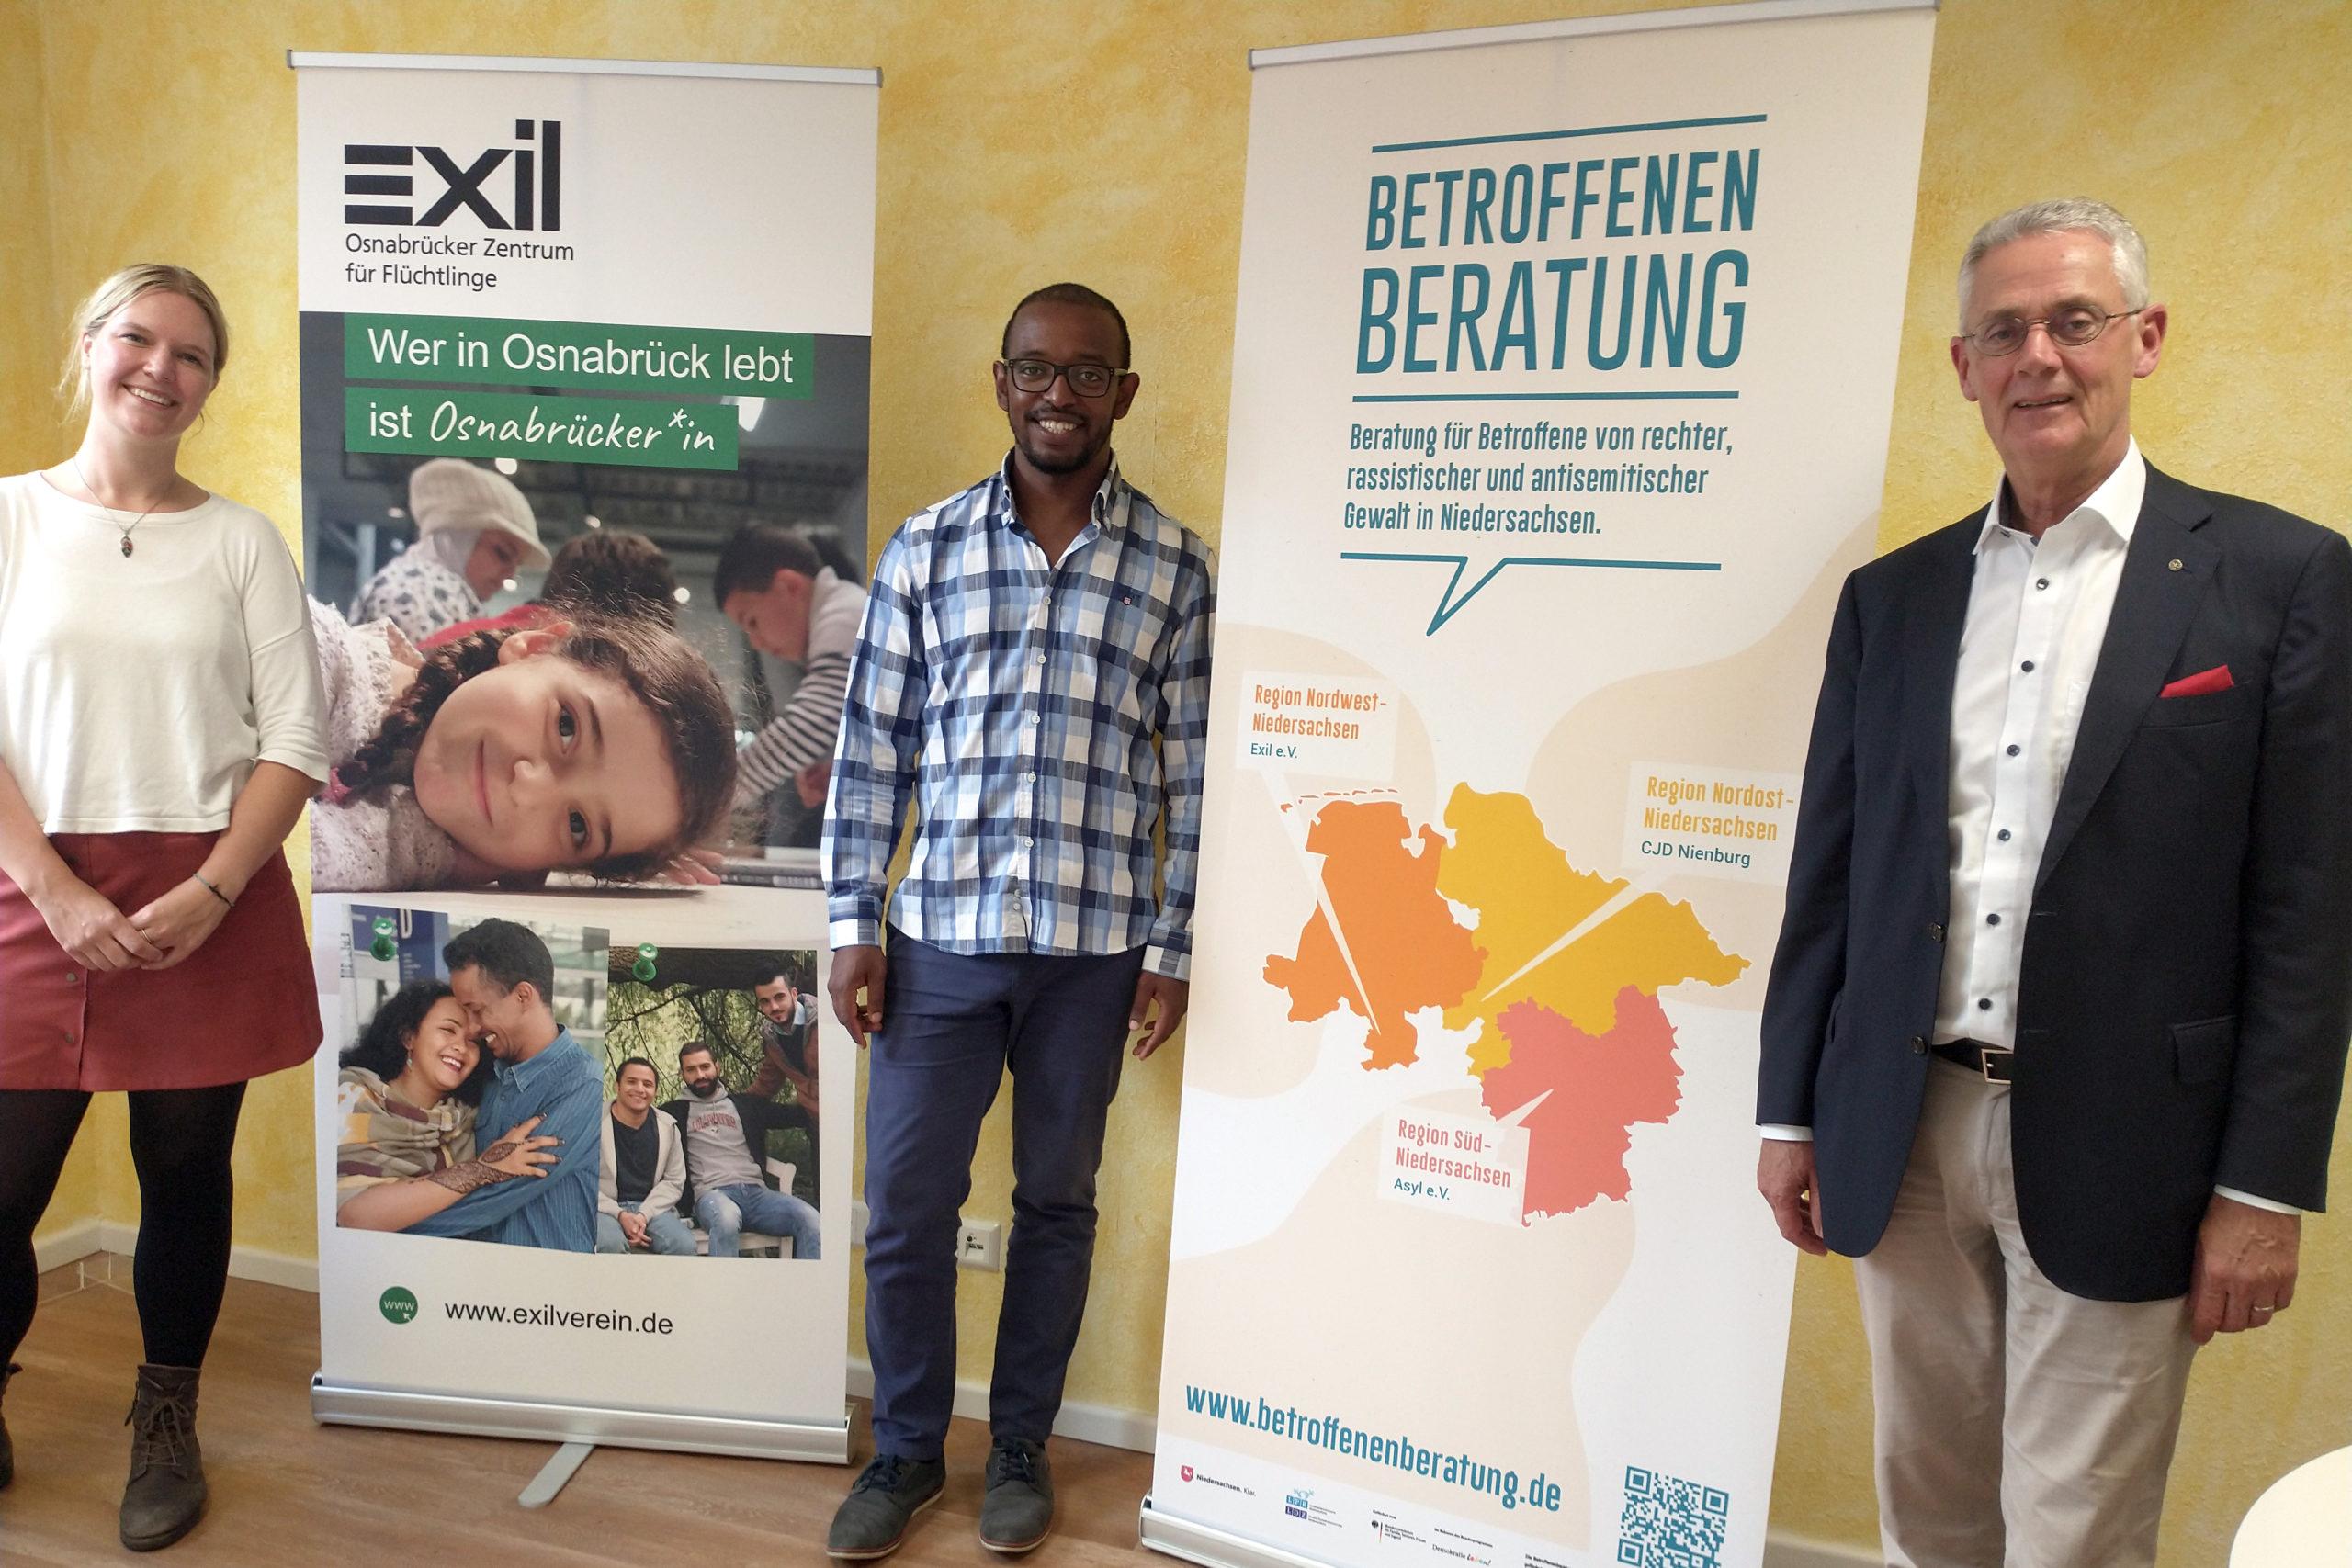 Gruppenbild mit Exil-Geschäftsführerin Marlene Schriever, Berater Ambachew Anjulo und Antisemitismusbeauftragtem Dr. Franz Rainer Ernste